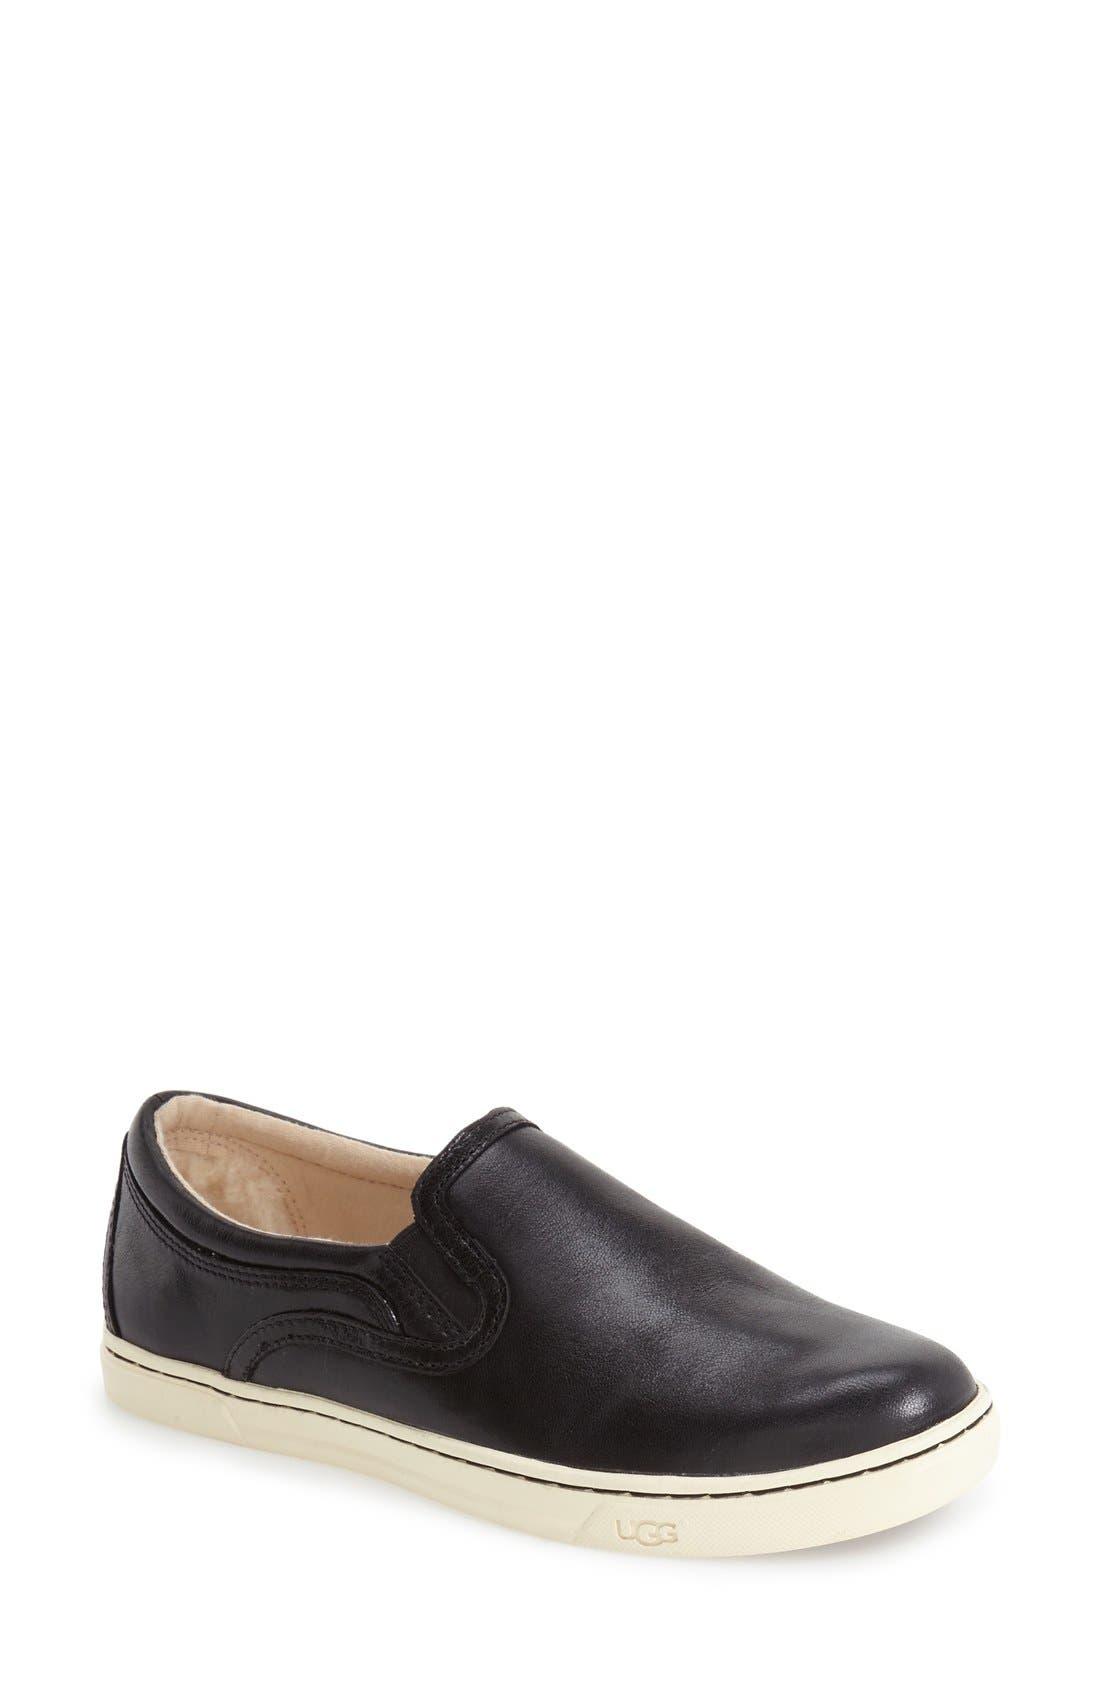 Alternate Image 1 Selected - UGG® Fierce Sneaker (Women)